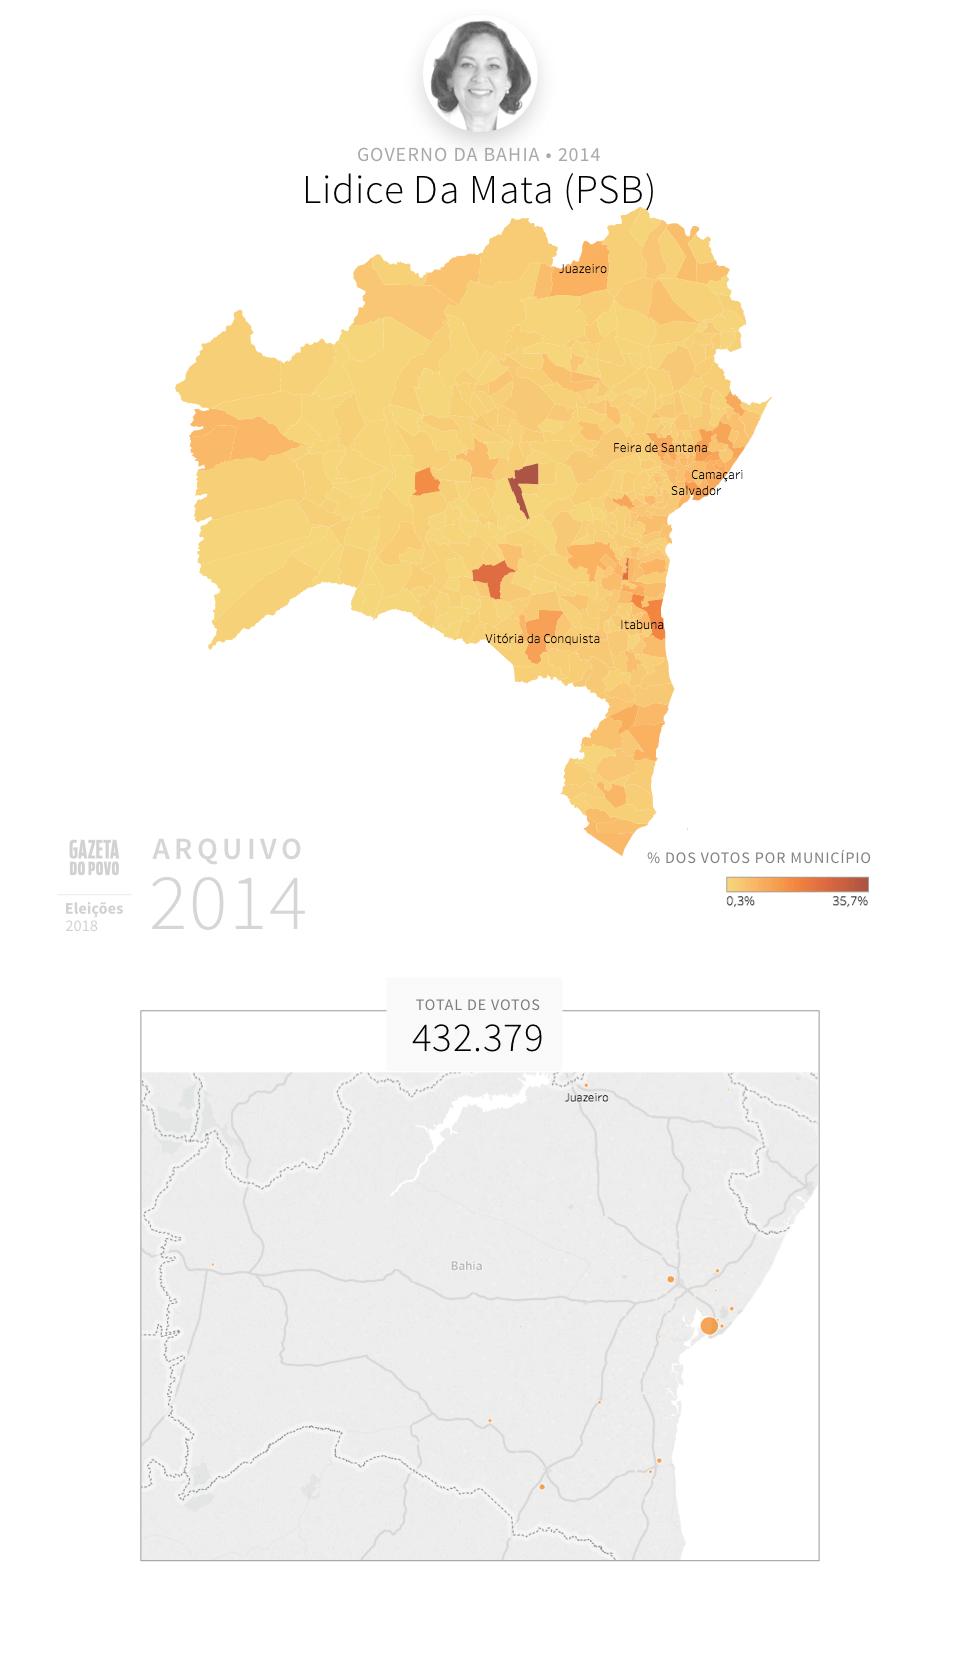 Desempenho do PSB em Bahia em 2014, na eleição para governador da Bahia. Em % do total de votos em cada município.